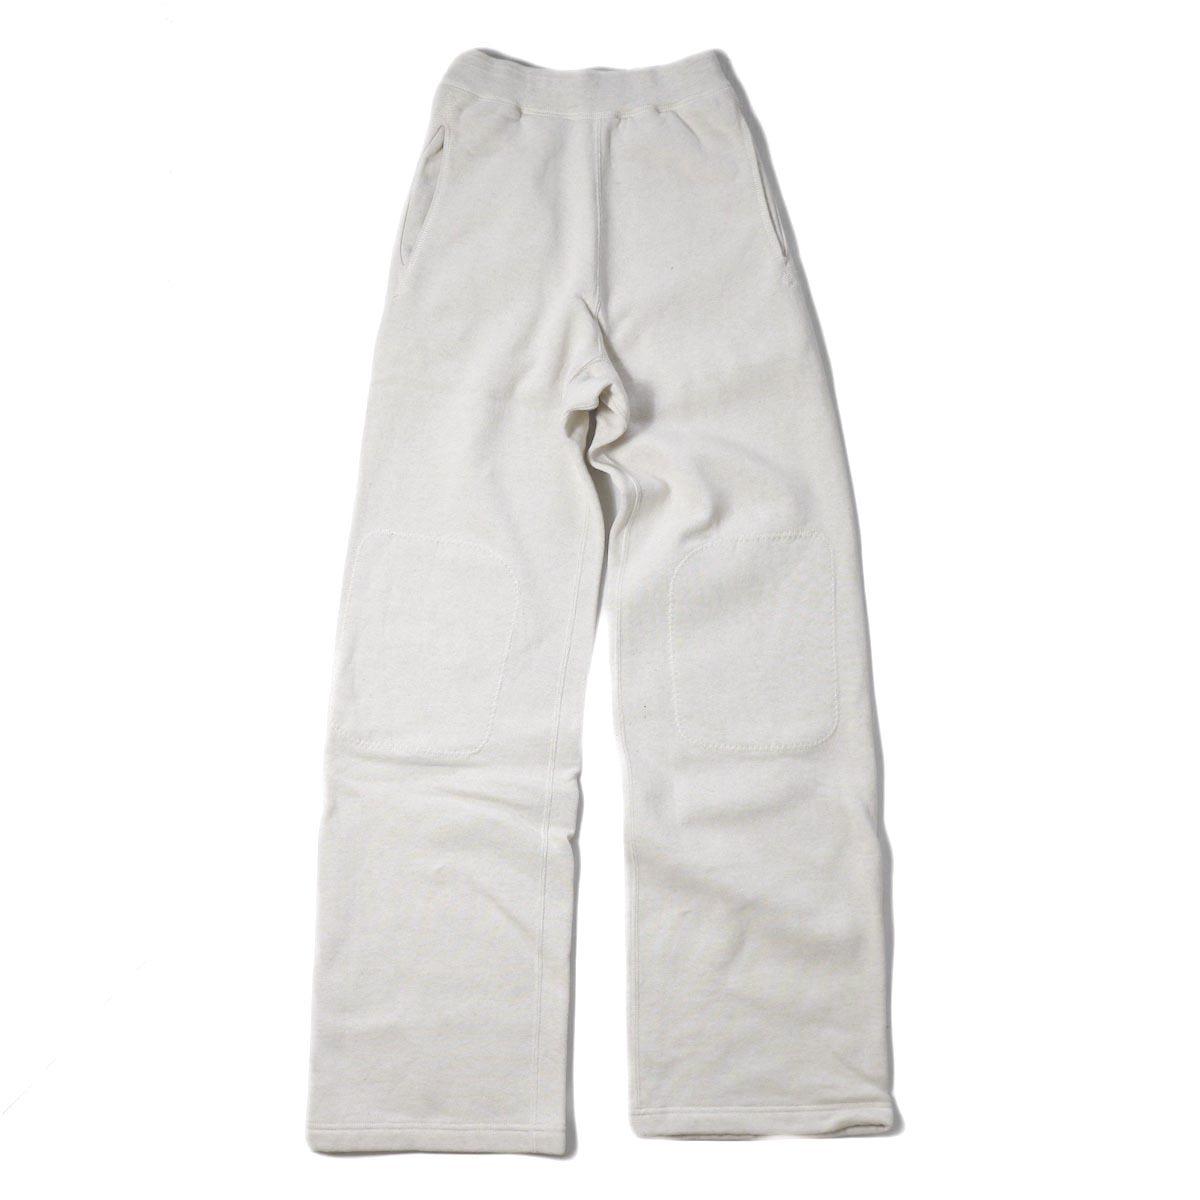 FUMIKA UCHIDA / DOUBLE KNEE SWEAT PANTS